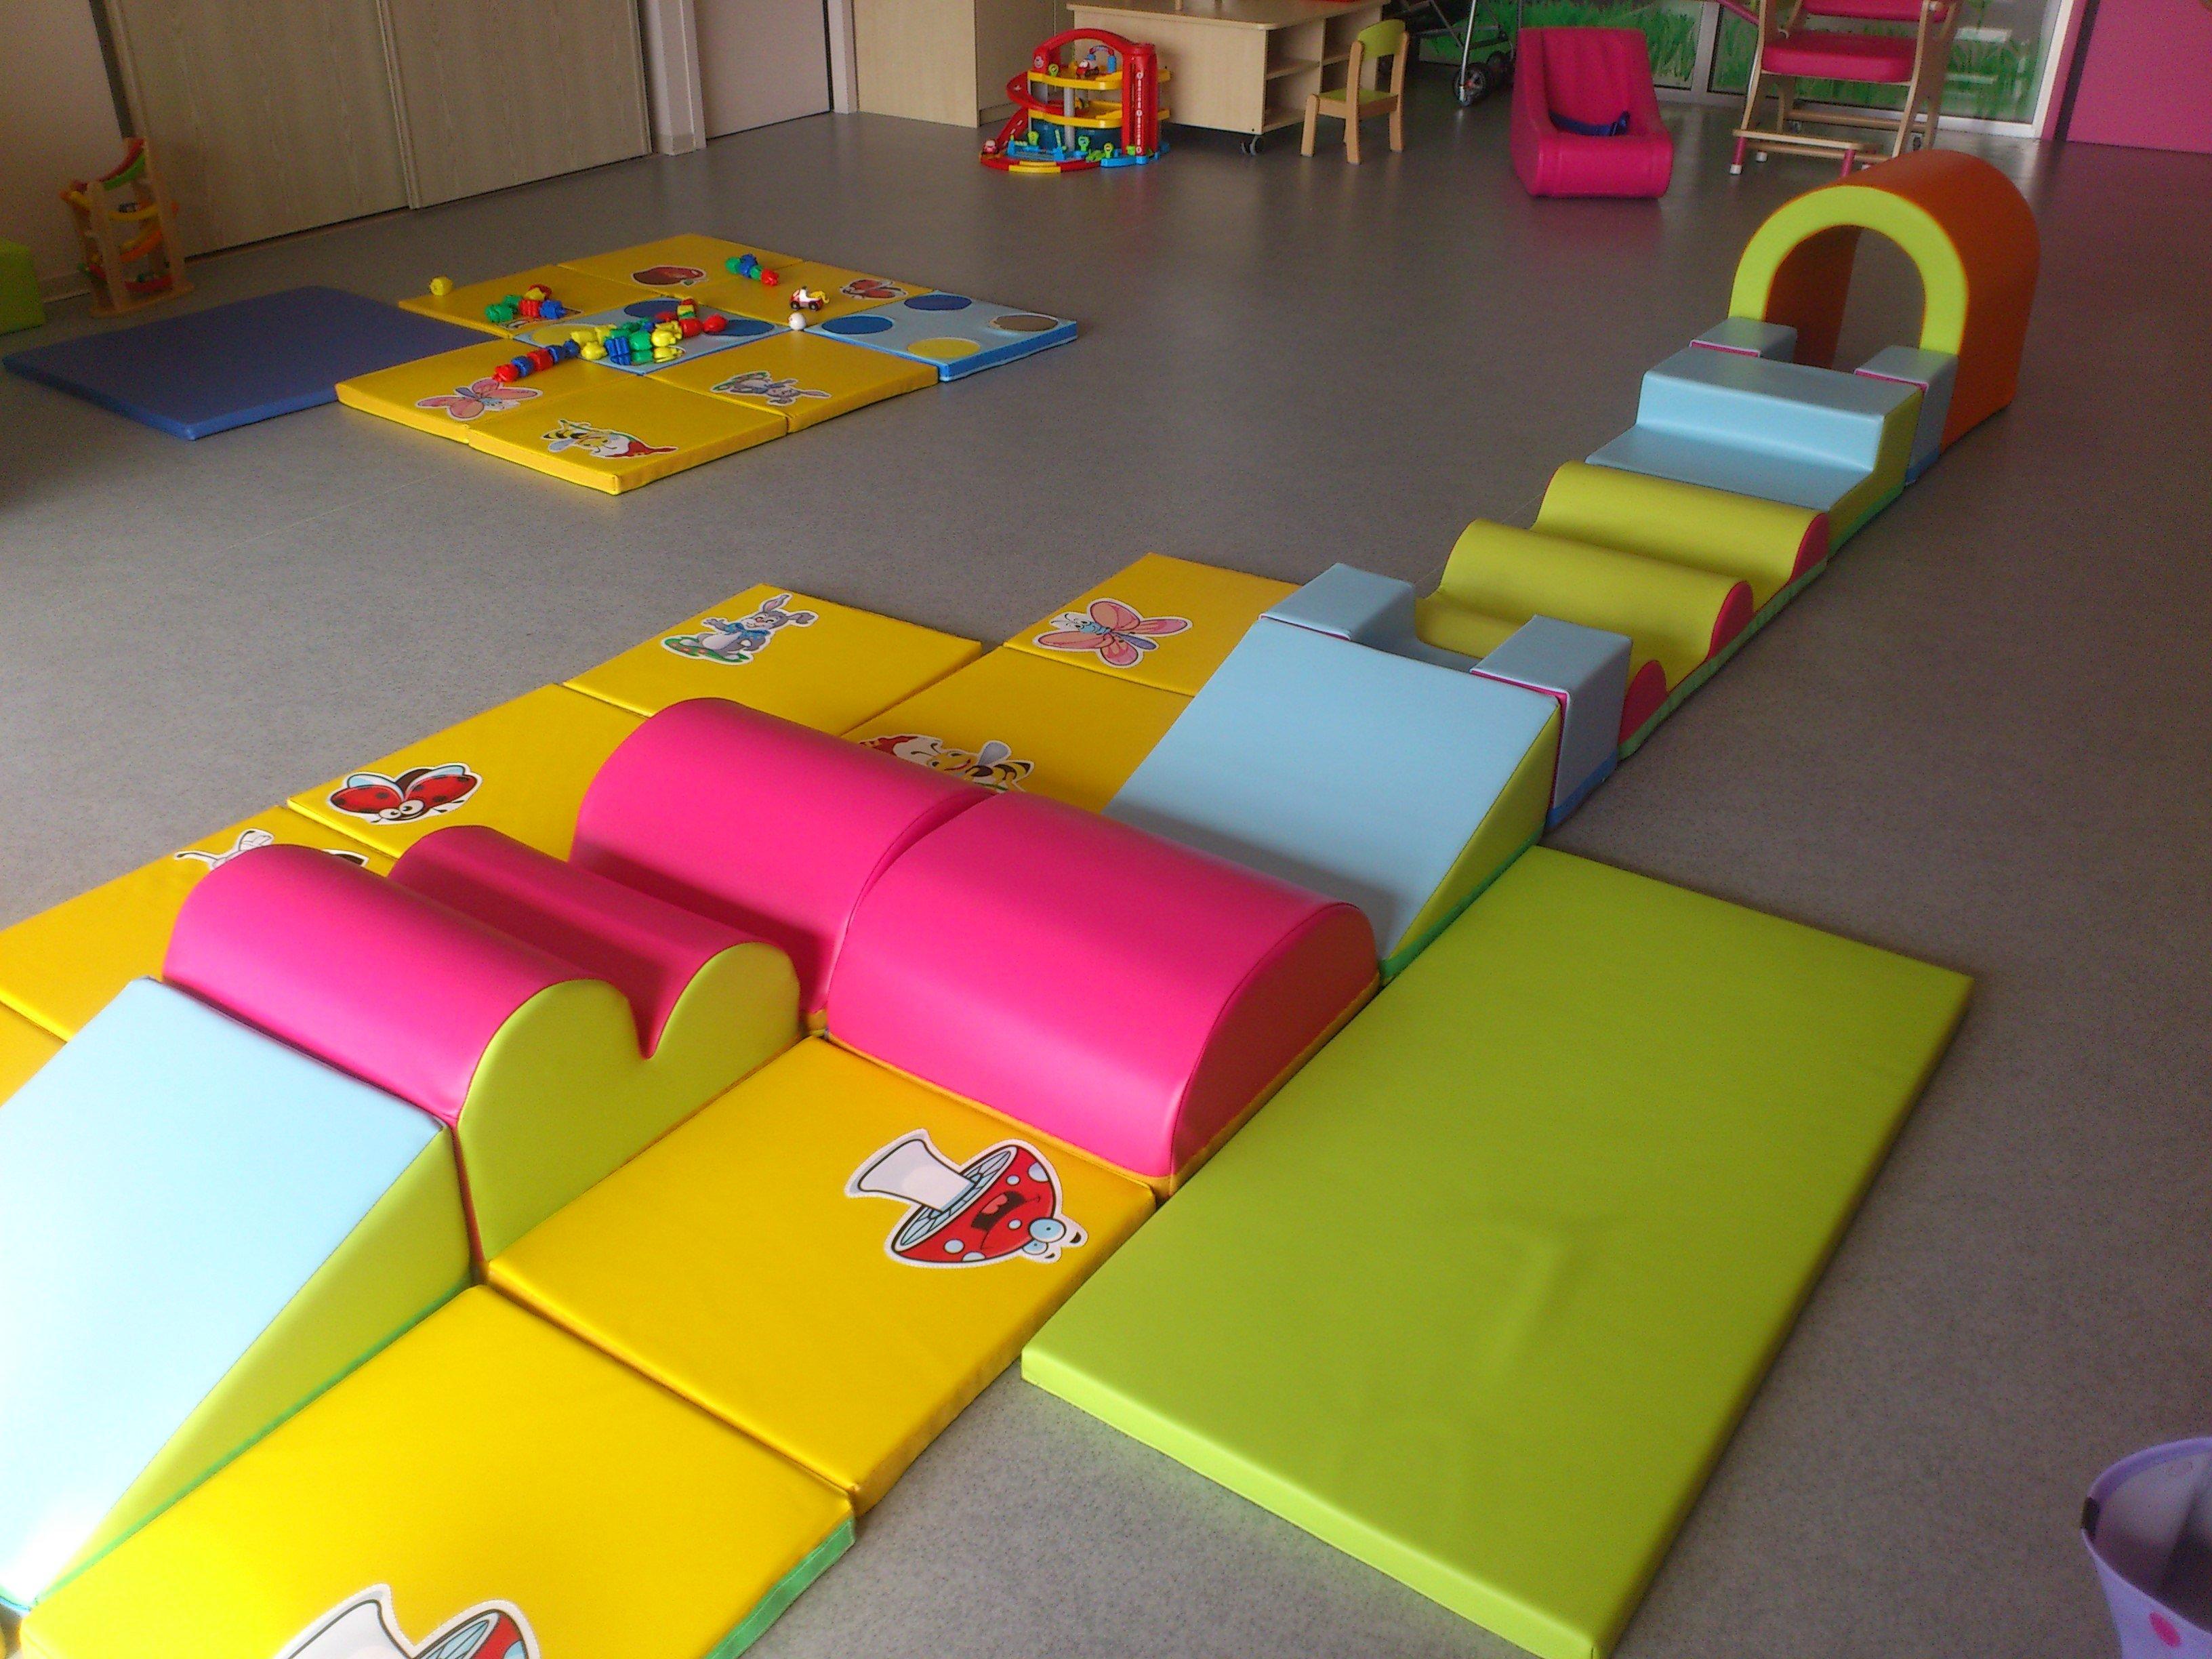 Tapis de sol 2cm 200 135 200 x 135 x 2 cm ref ta 19 - Tapis de sol pour enfant ...